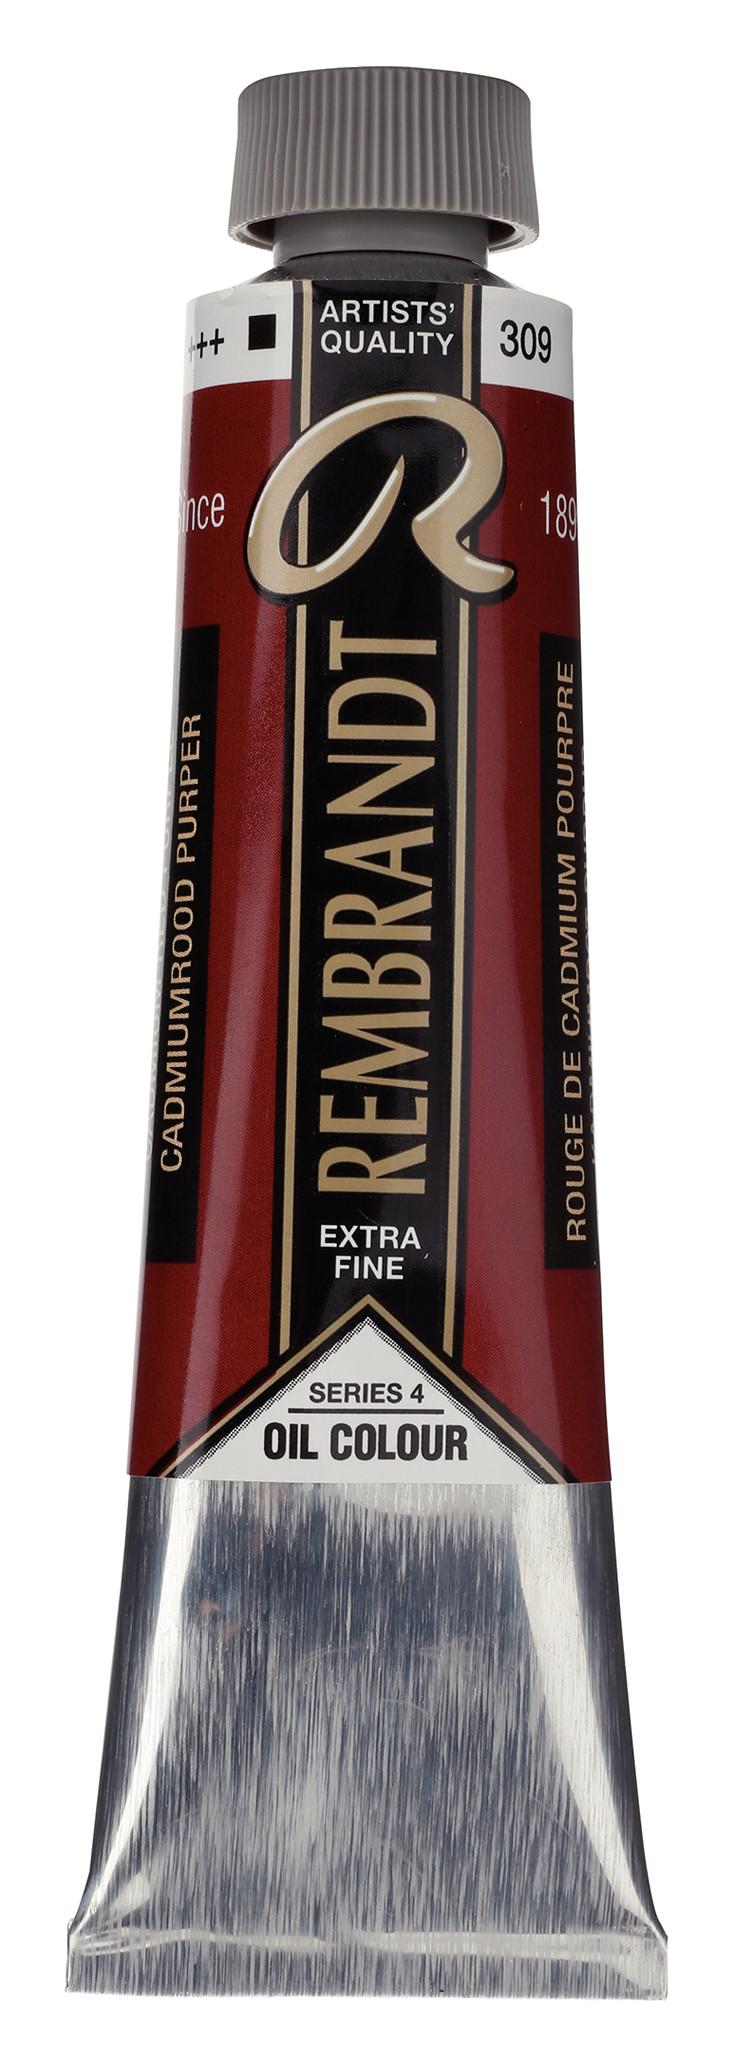 Rembrandt Oil colour Paint Cadmium Red Purple (309) 40ml Tube